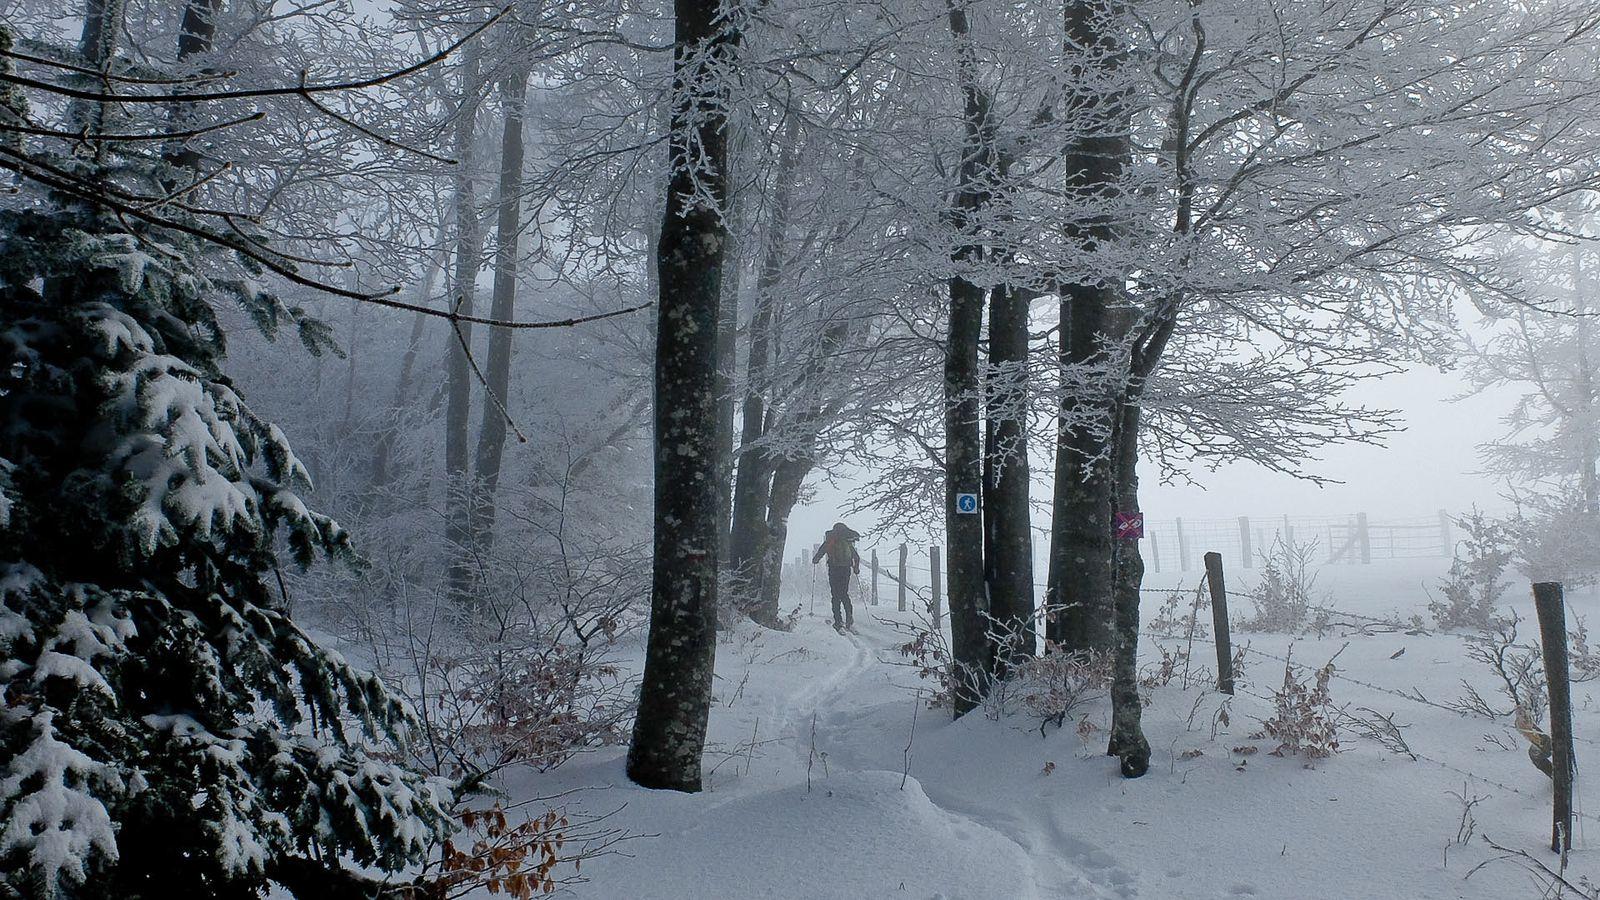 L'approche, les skis sont les bienvenues  et vues sur la face.